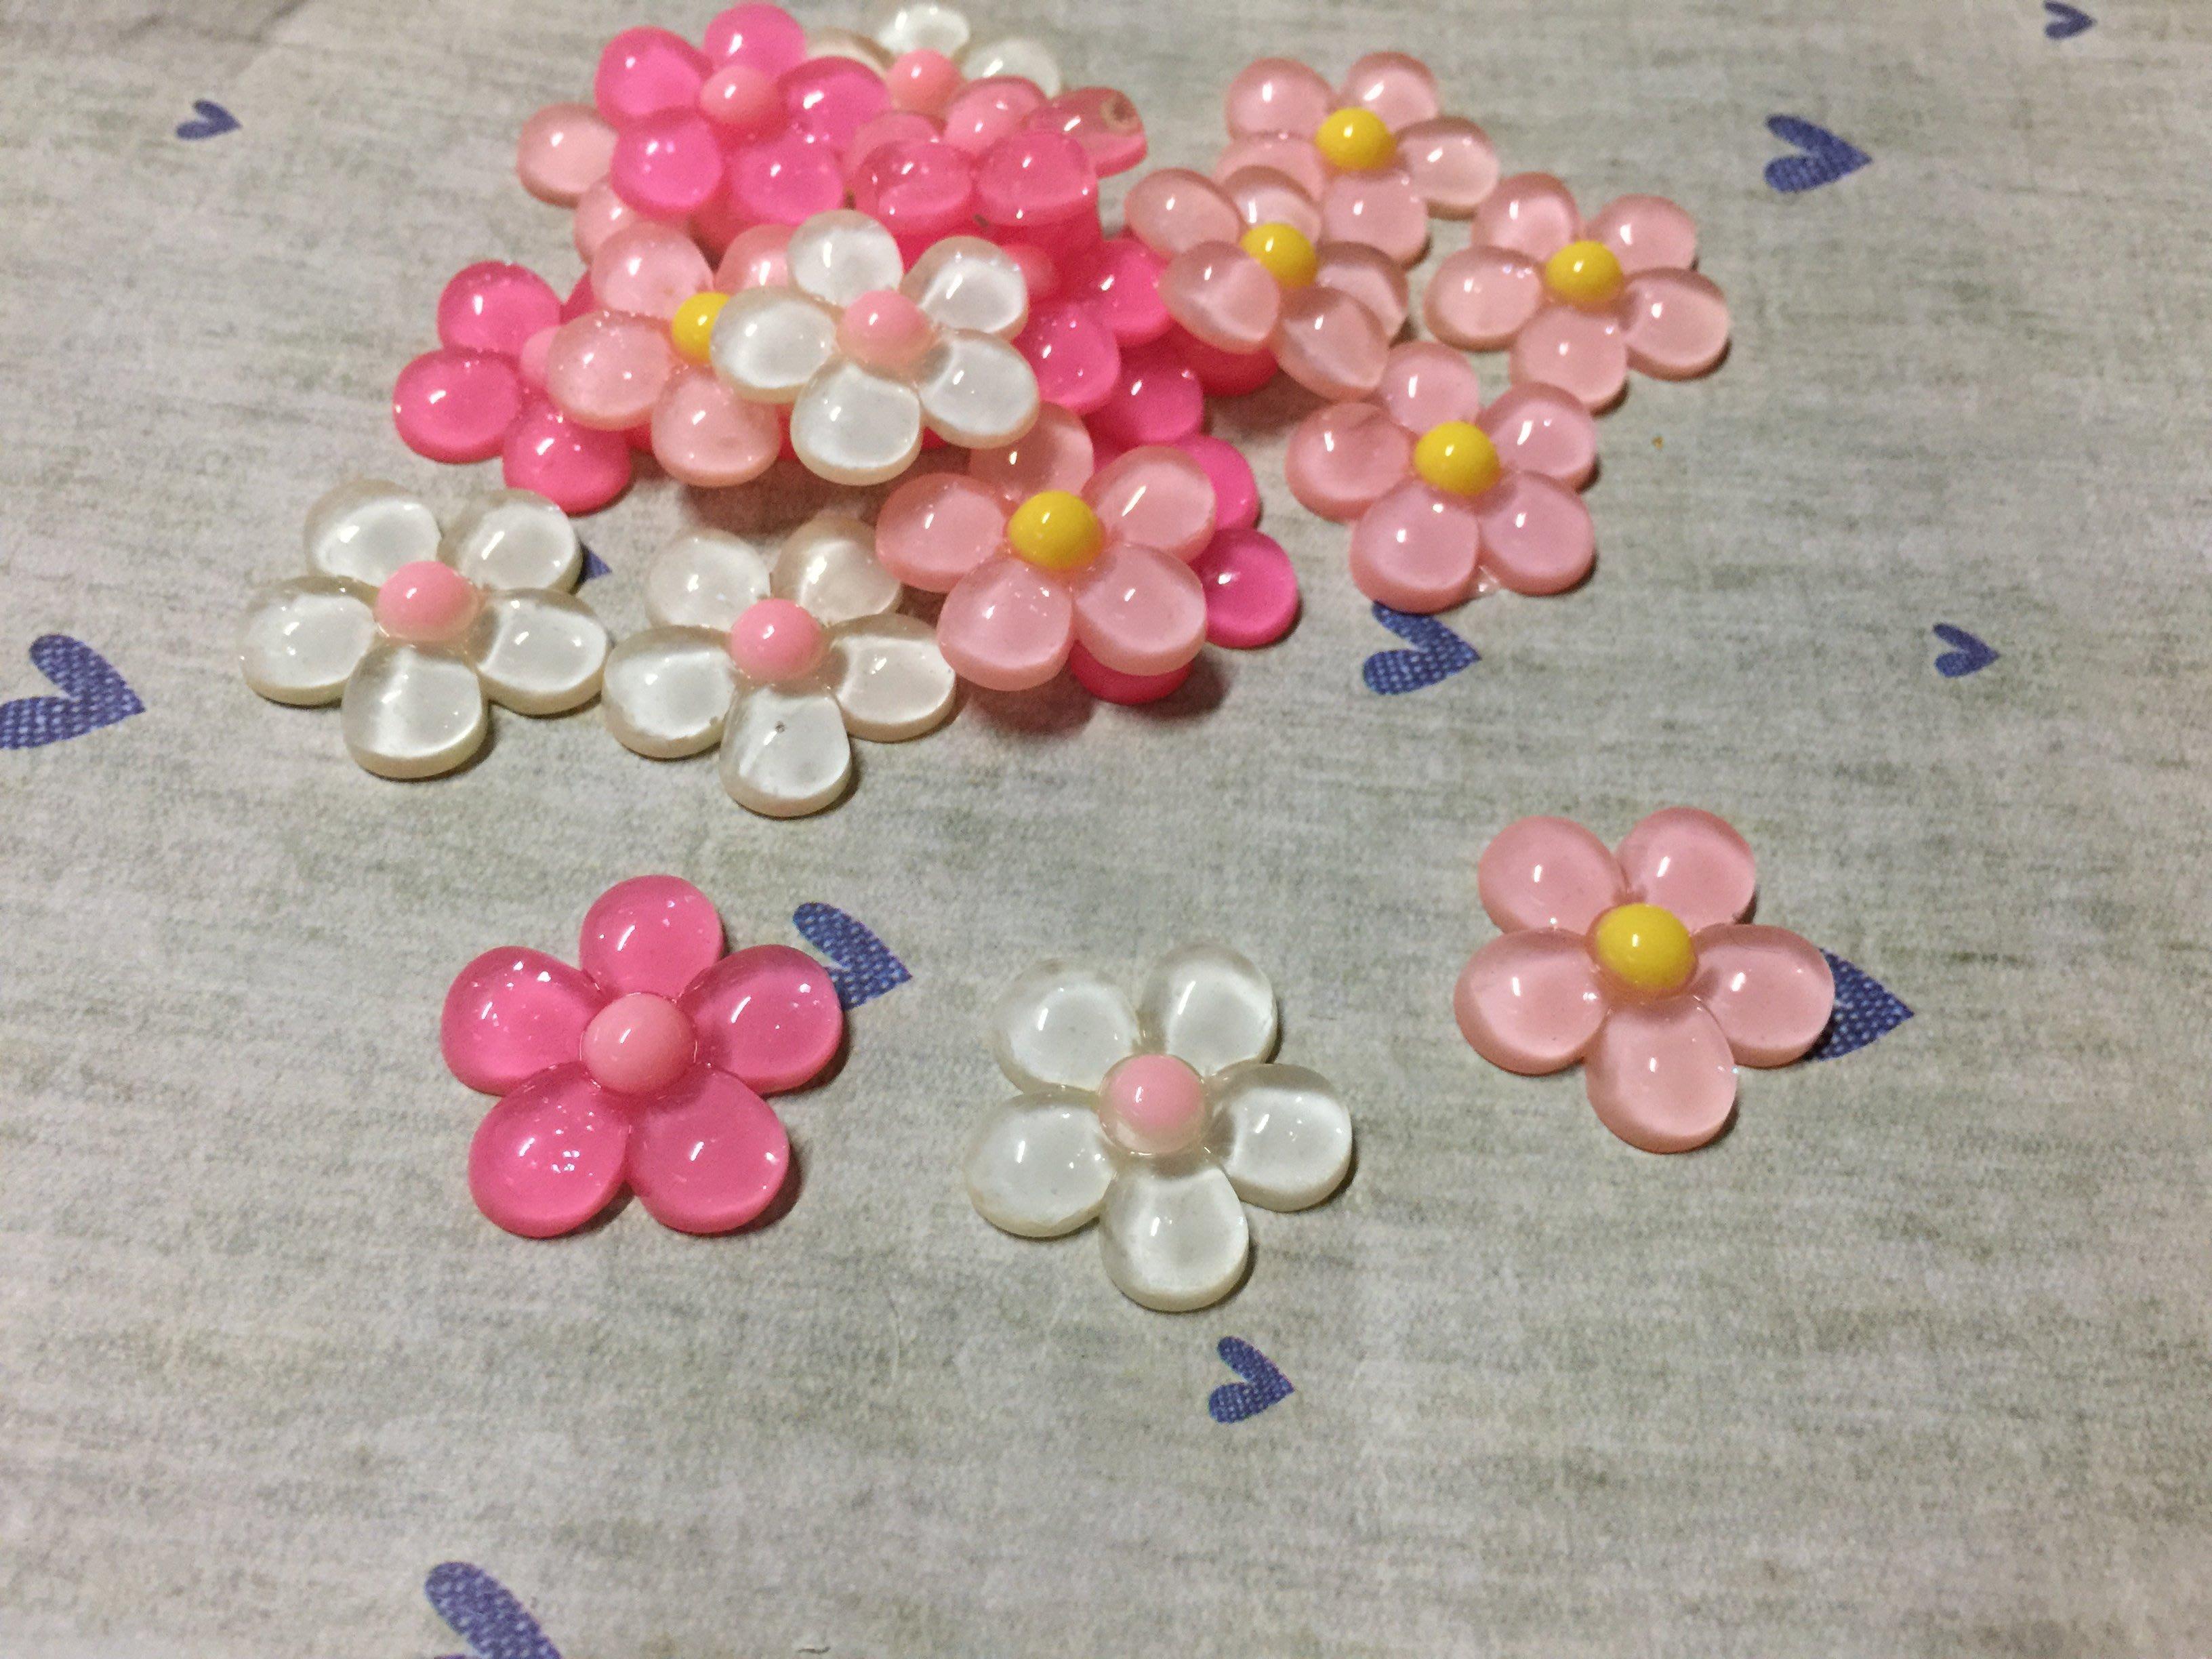 23mm 白色 粉紅 花朵 造型DIY素材 奶油殼 貼鑽小物 飾品材料 (現貨)